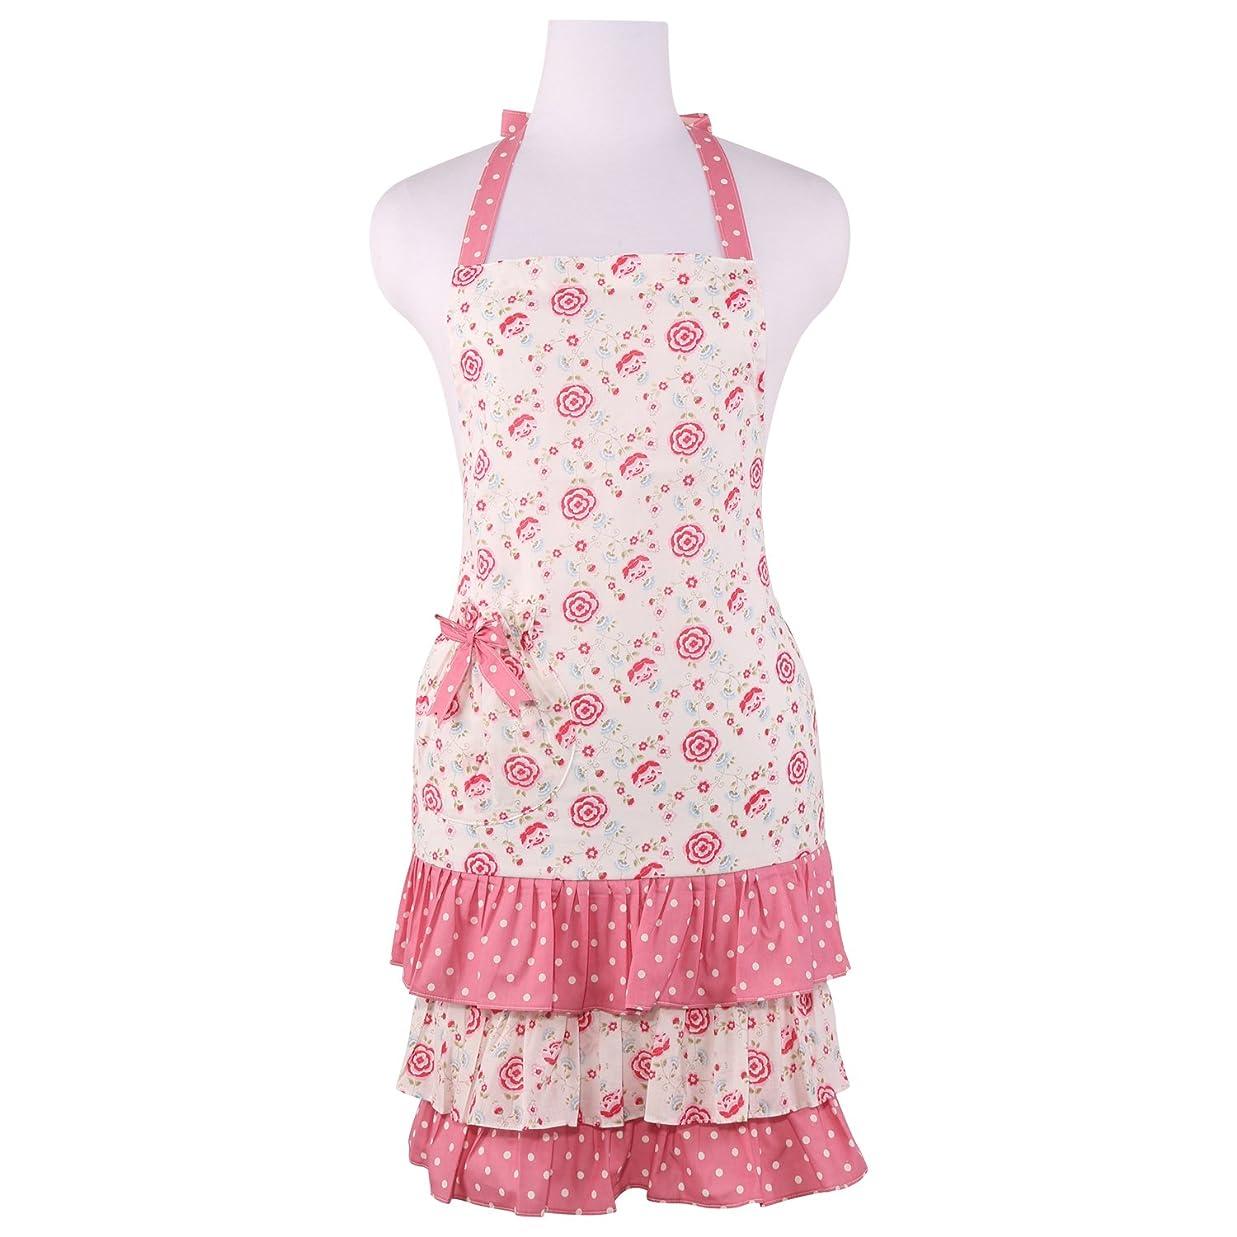 に頼るむちゃくちゃ放射能Neoviva [Doris] 花柄フリルママ&キッズ親子エプロン 女性用ママ かわいい薔薇柄 ピンク 店員ウェイトレス 保育士